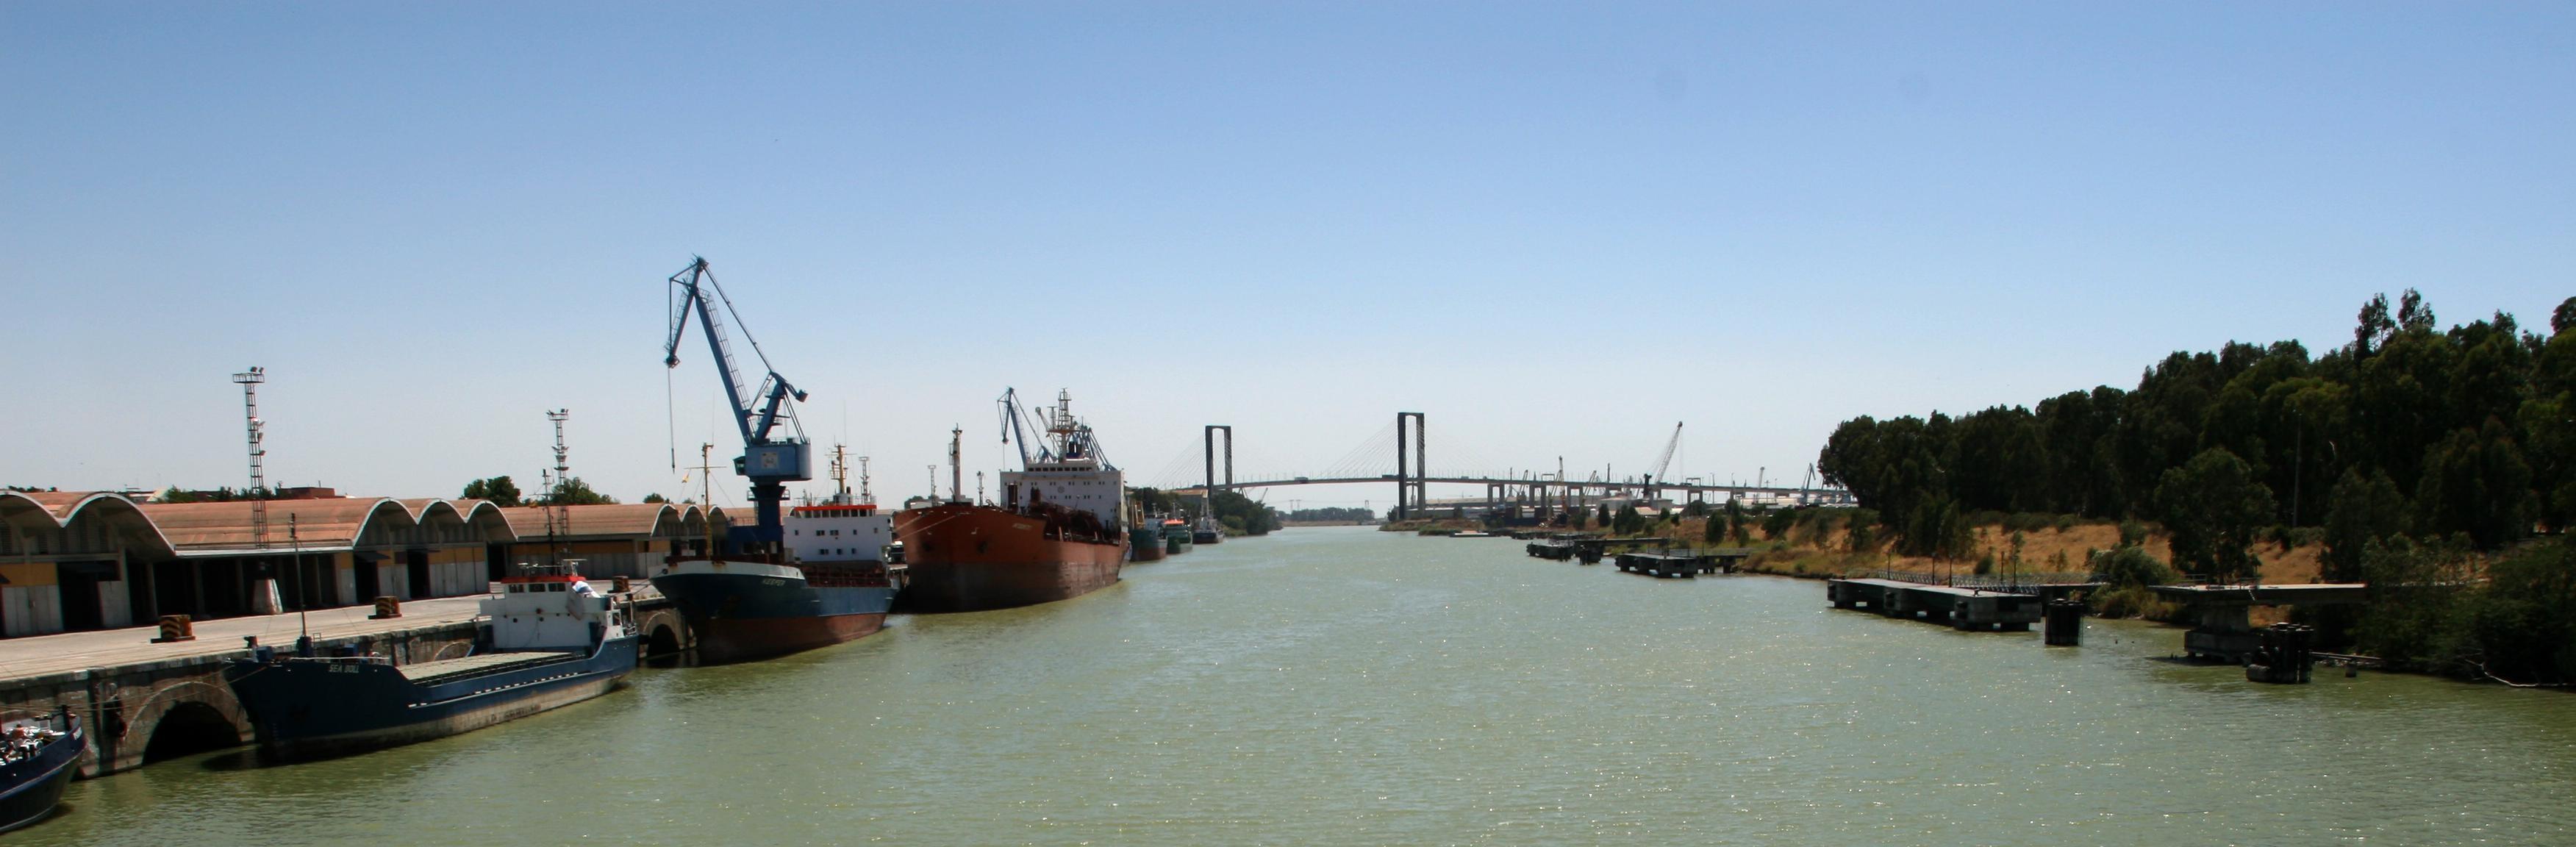 Cañete: No se aprobará dragado del Guadalquivir hasta que se cumplan «todas las medidas correctoras» de la DIA